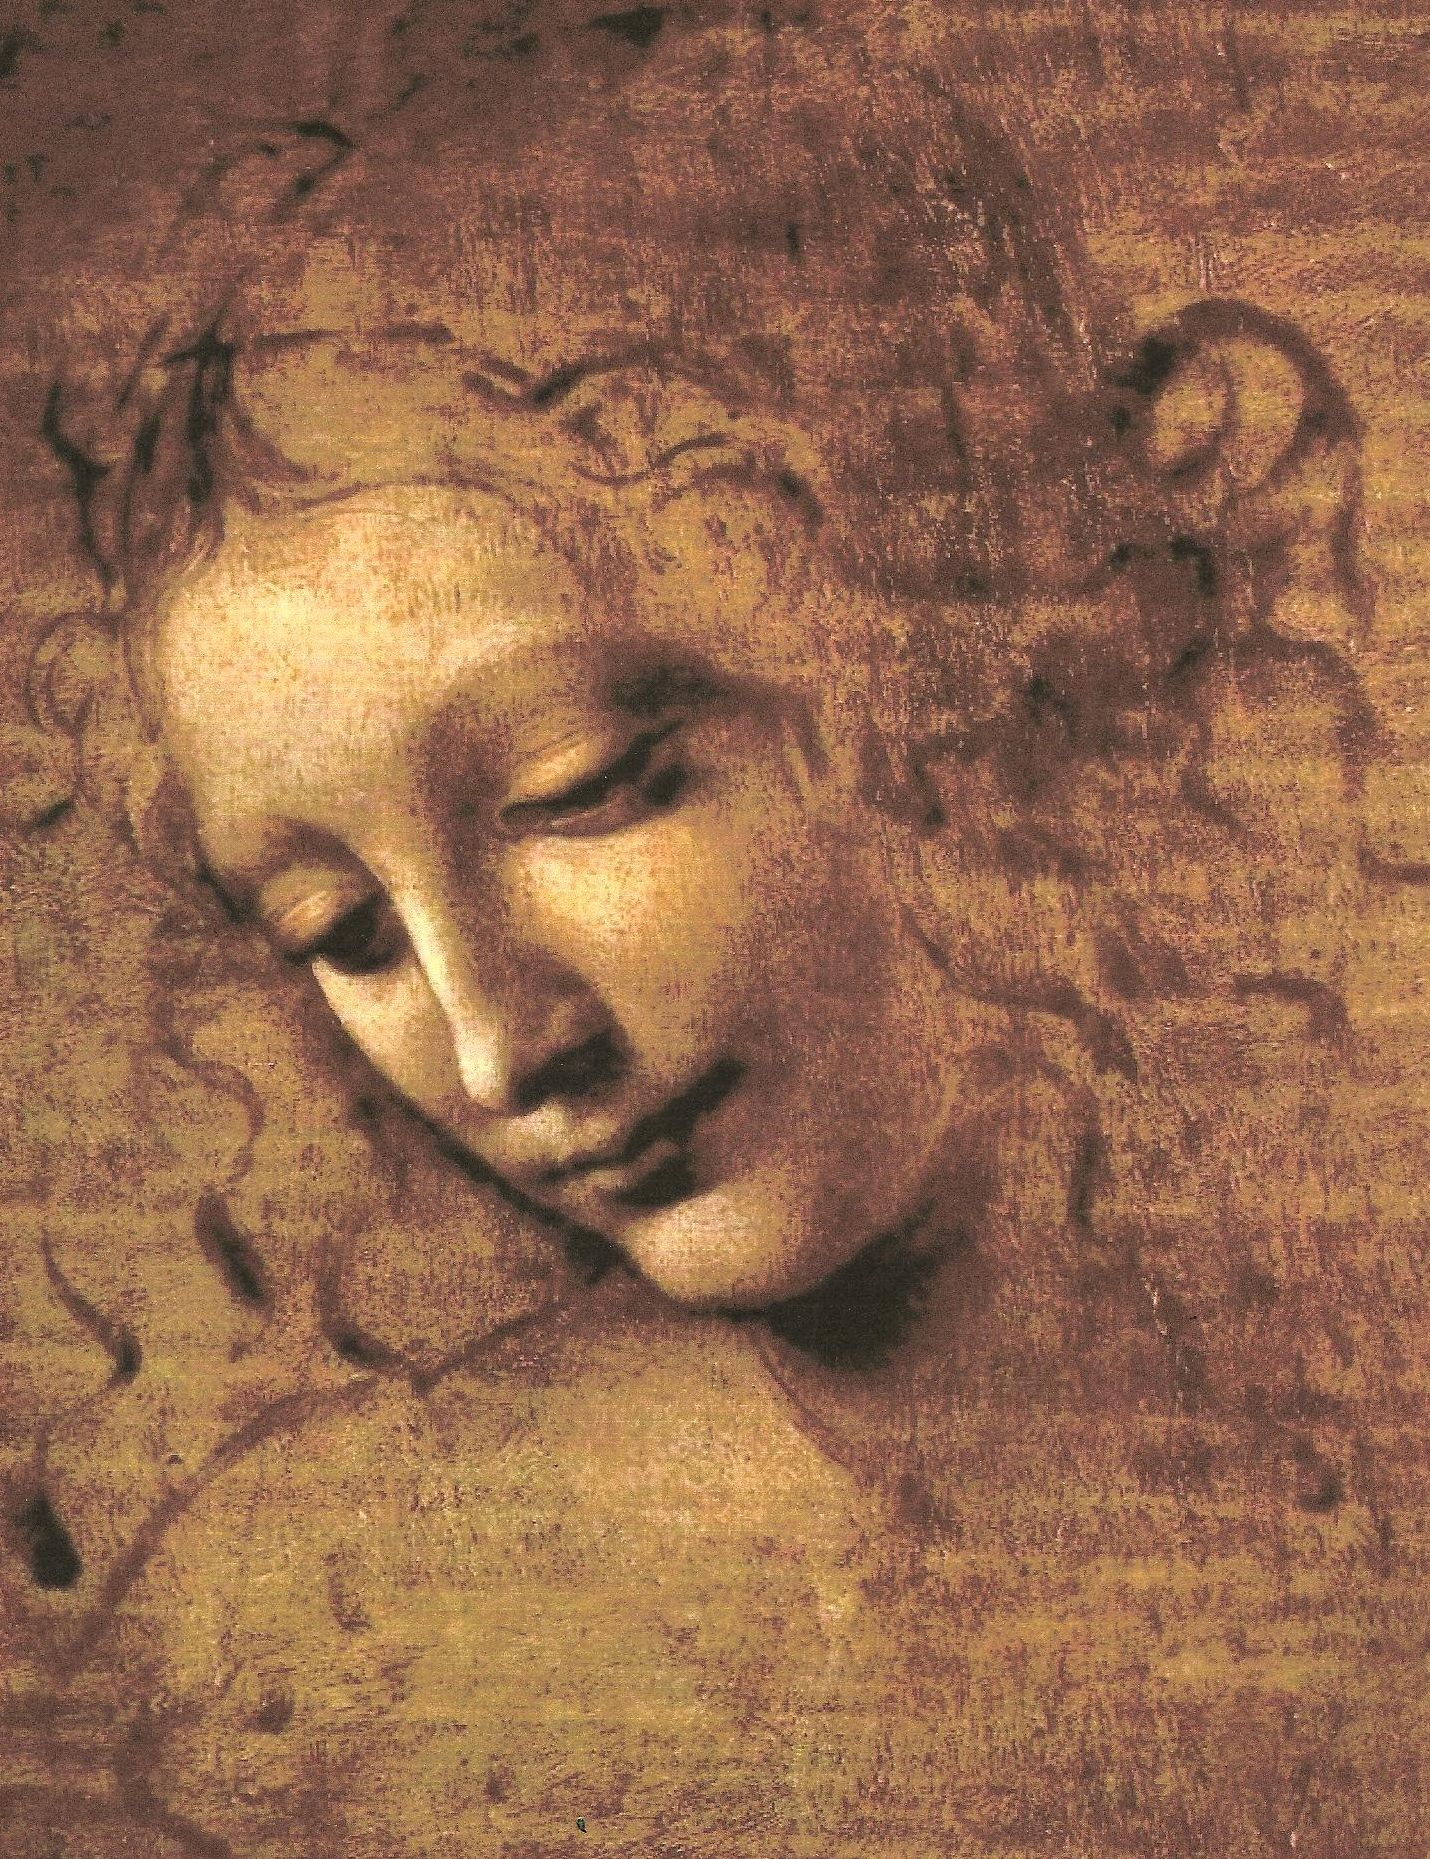 La Scapigliata by Leonardo Da Vinci, 1508